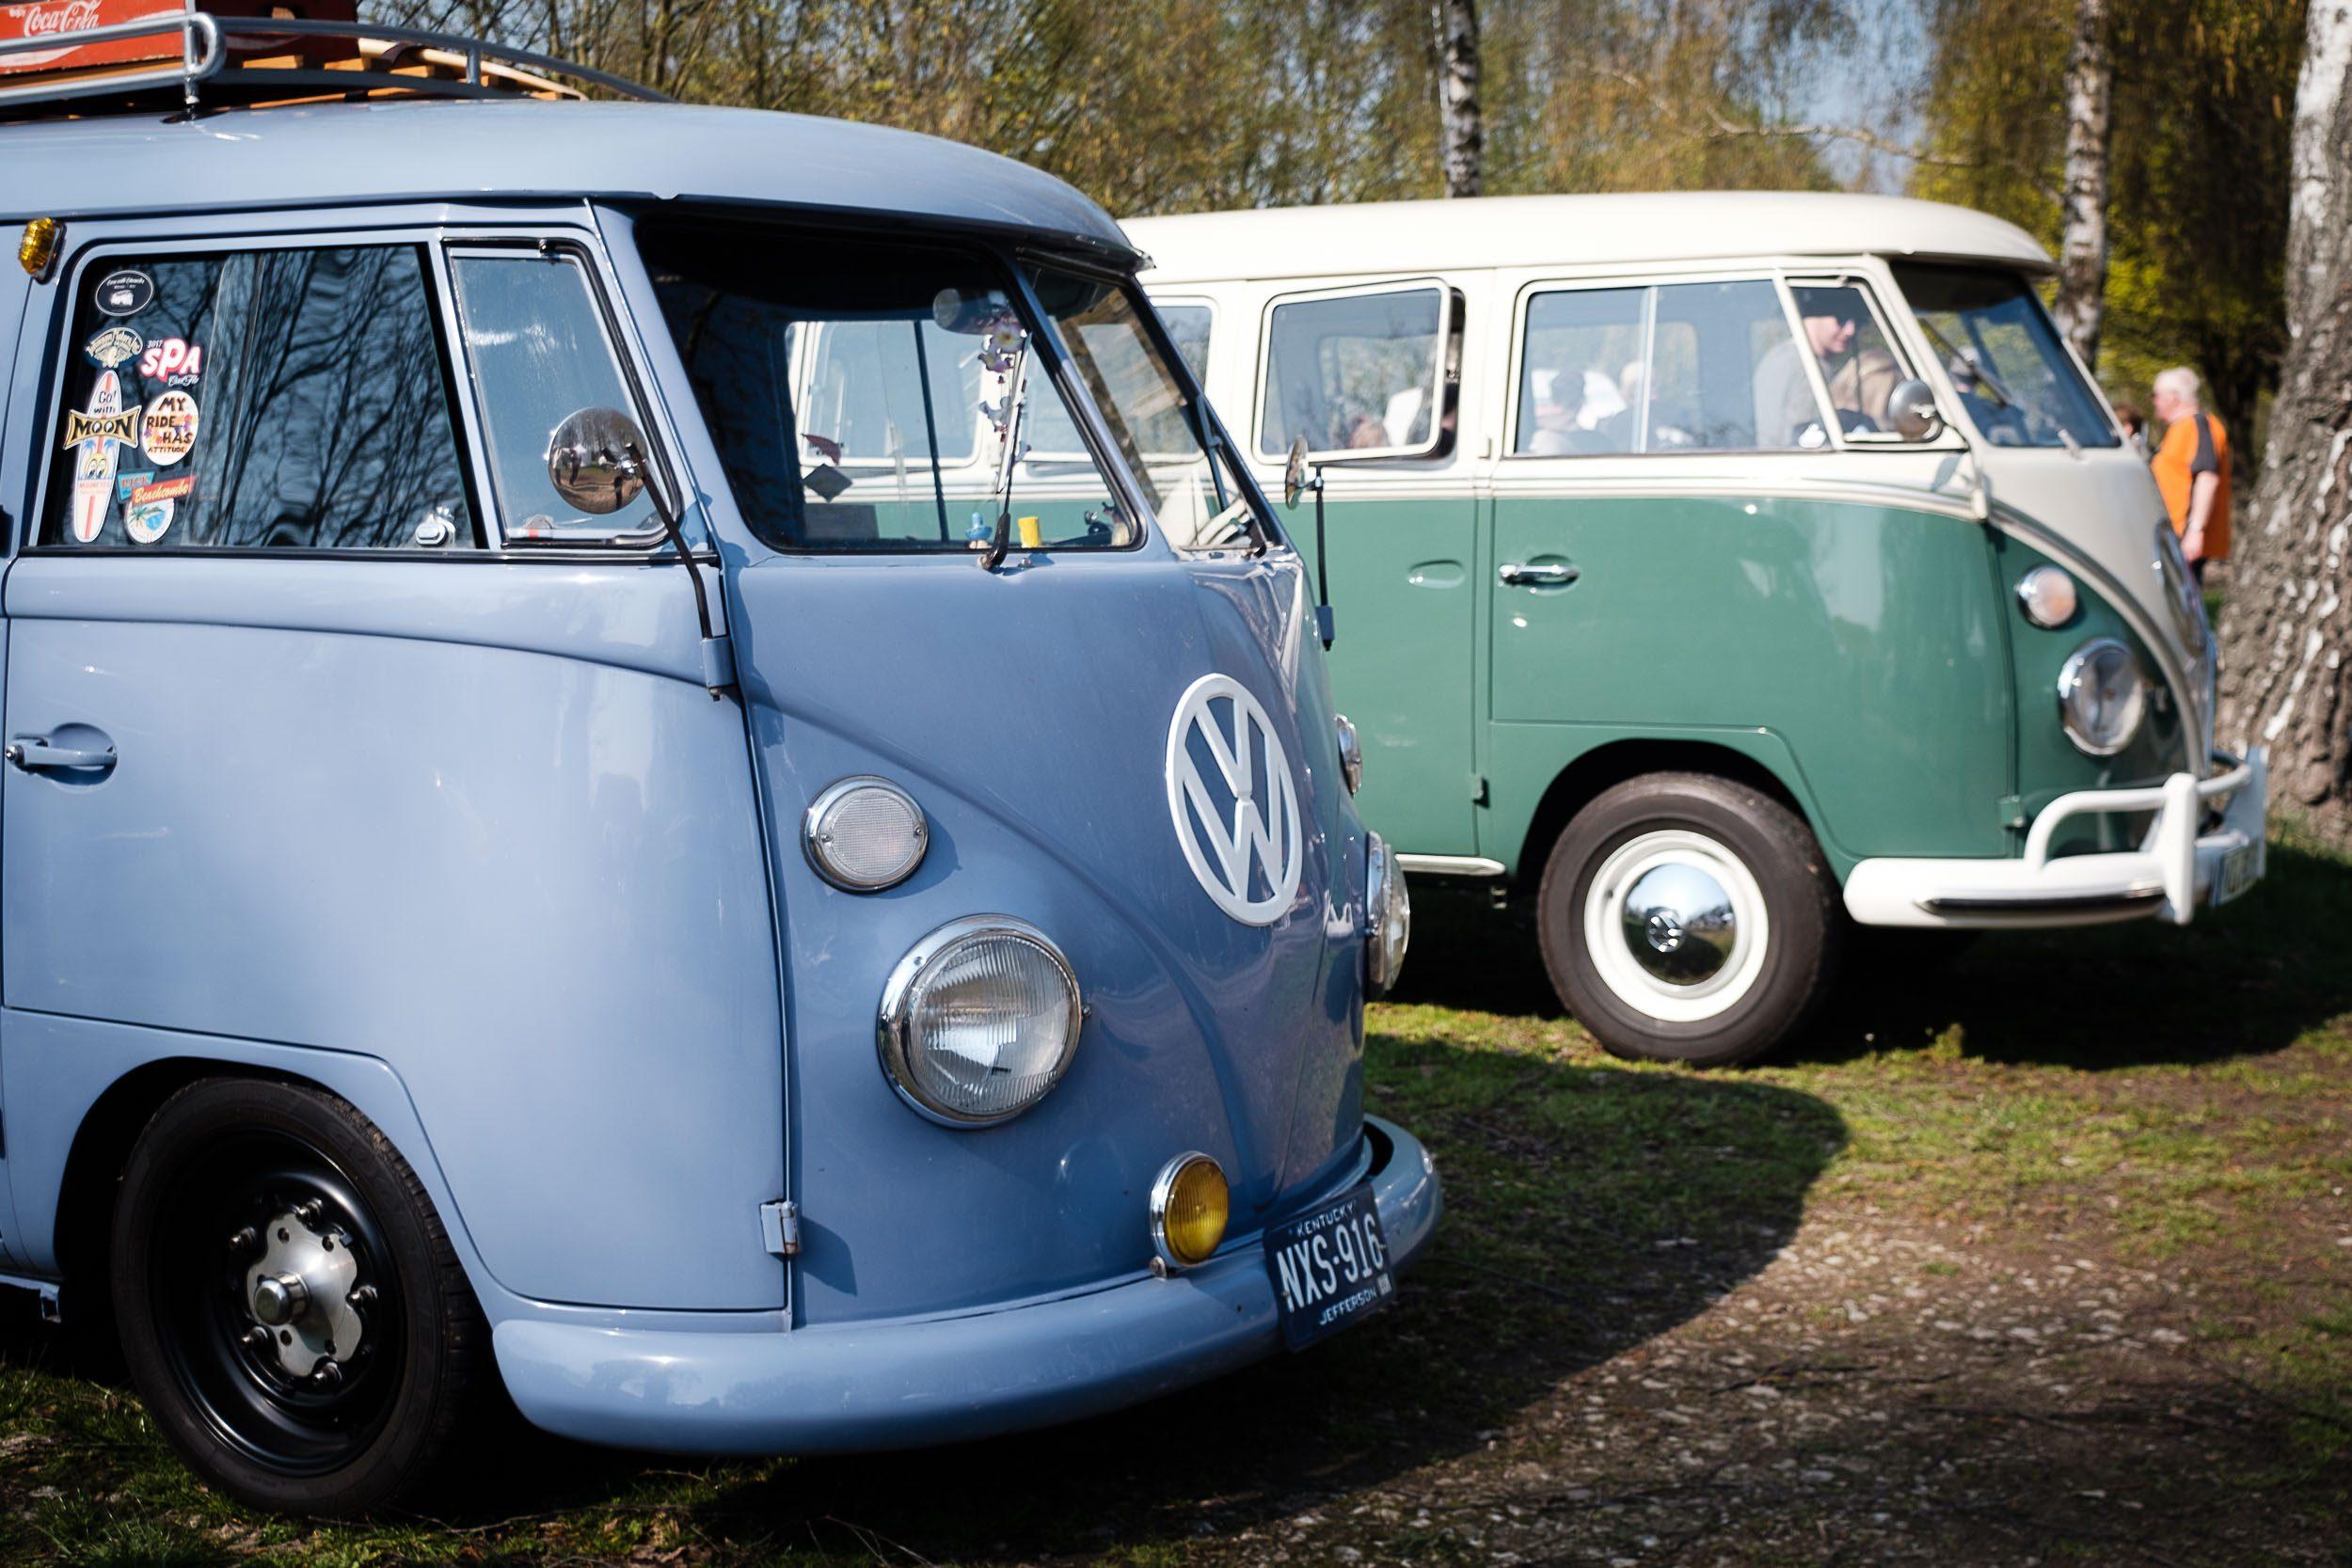 VW-Bus Treffen beim Oldtimertreffen am großen Weserbogen VW Porsche Audi Klassik 2019